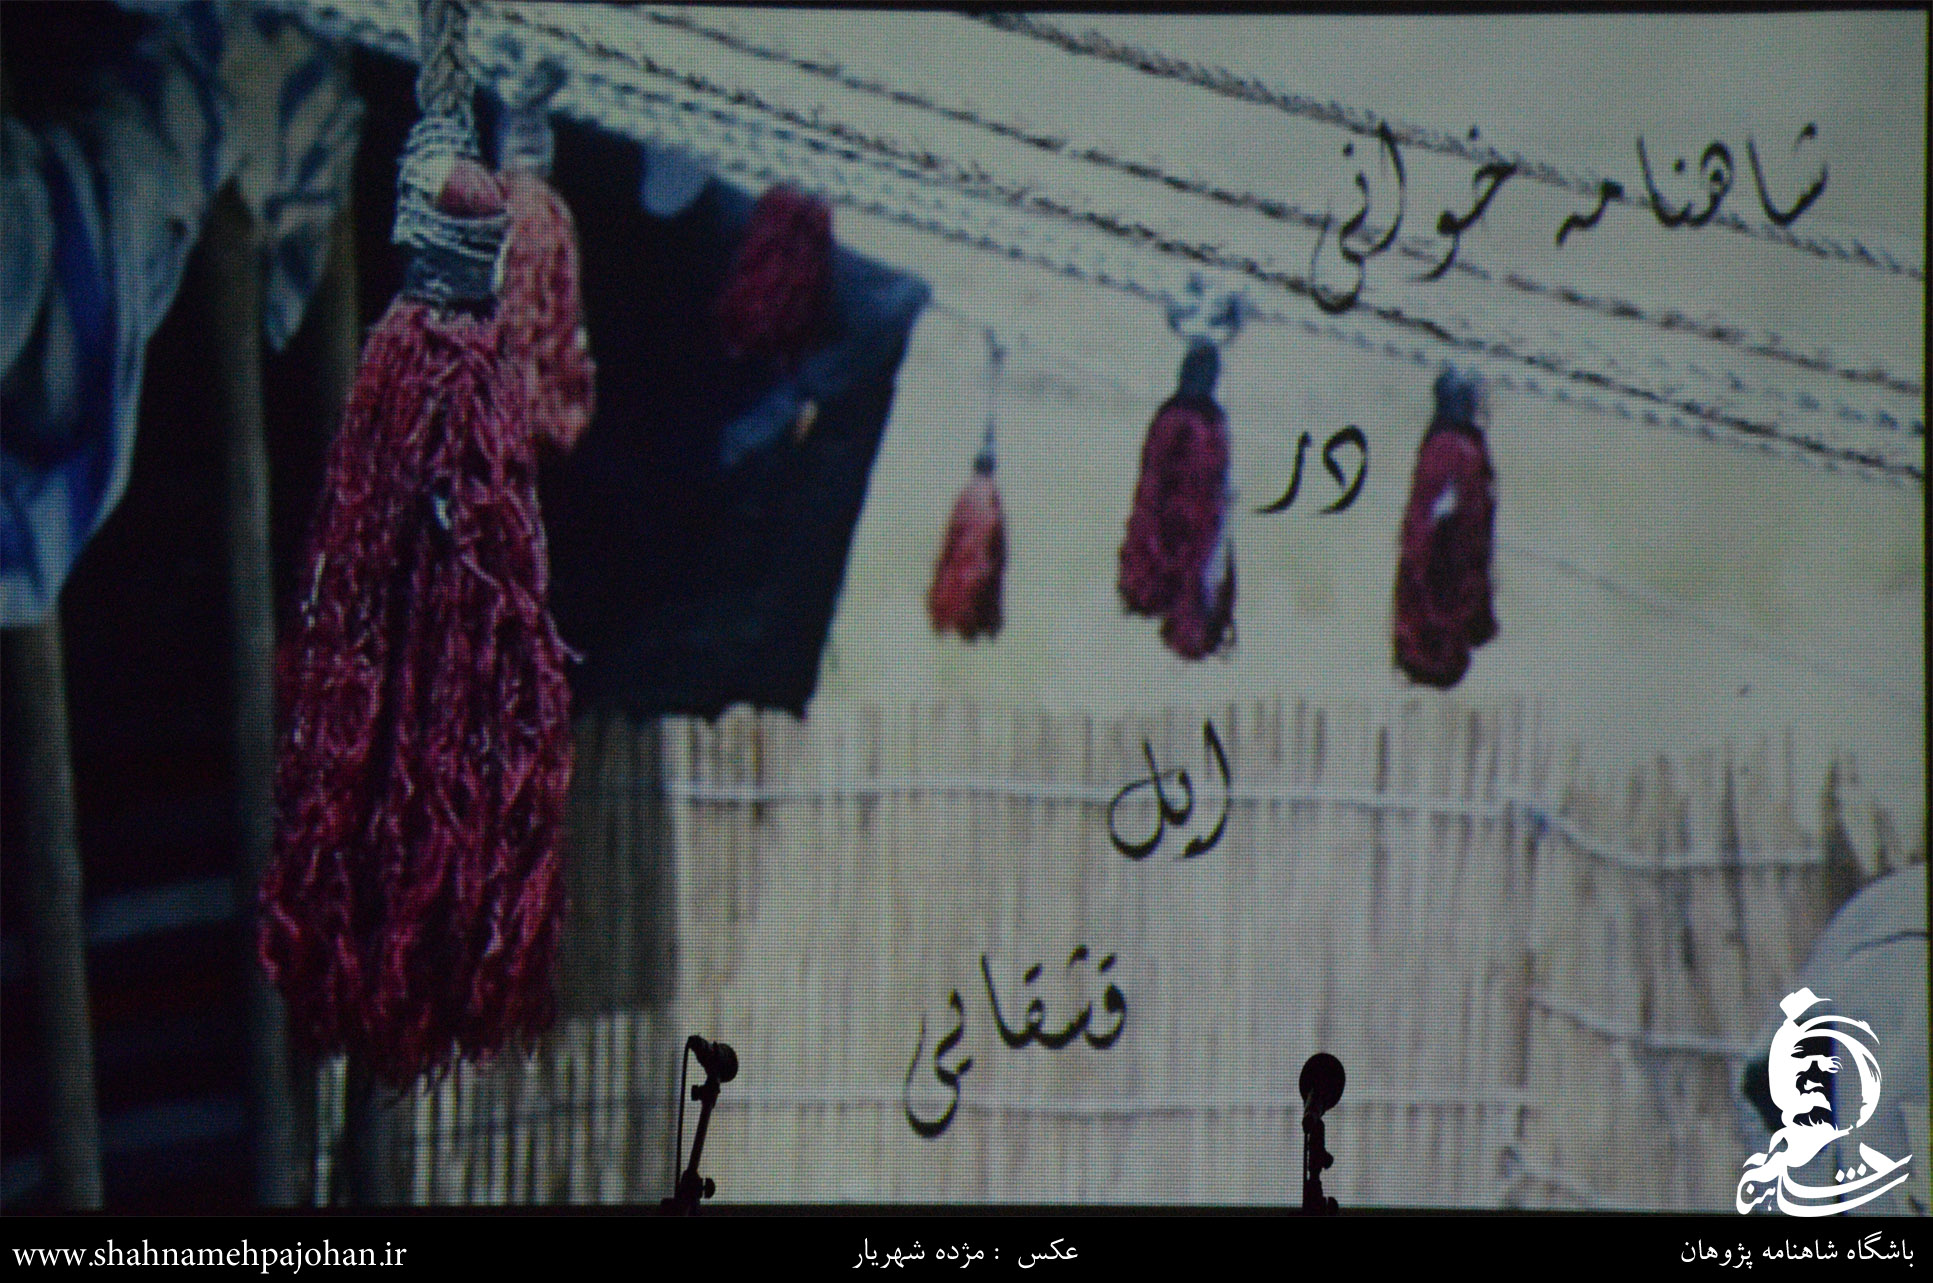 مستند شاهنامه خوانی در ایل قشقایی